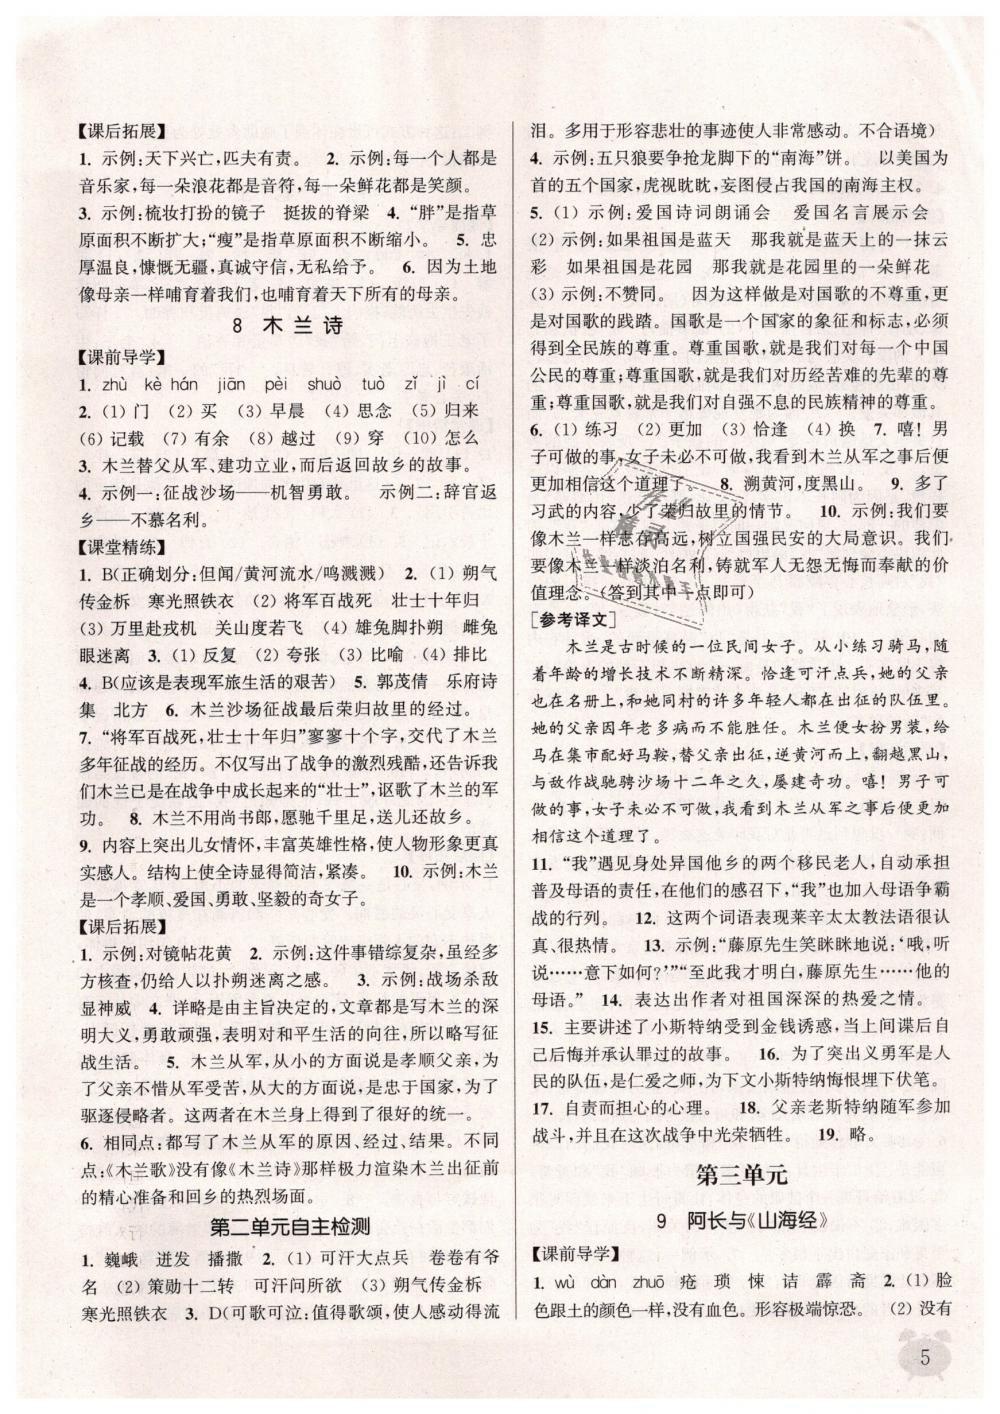 2019年通城学典课时作业本七年级语文下册人教版第5页